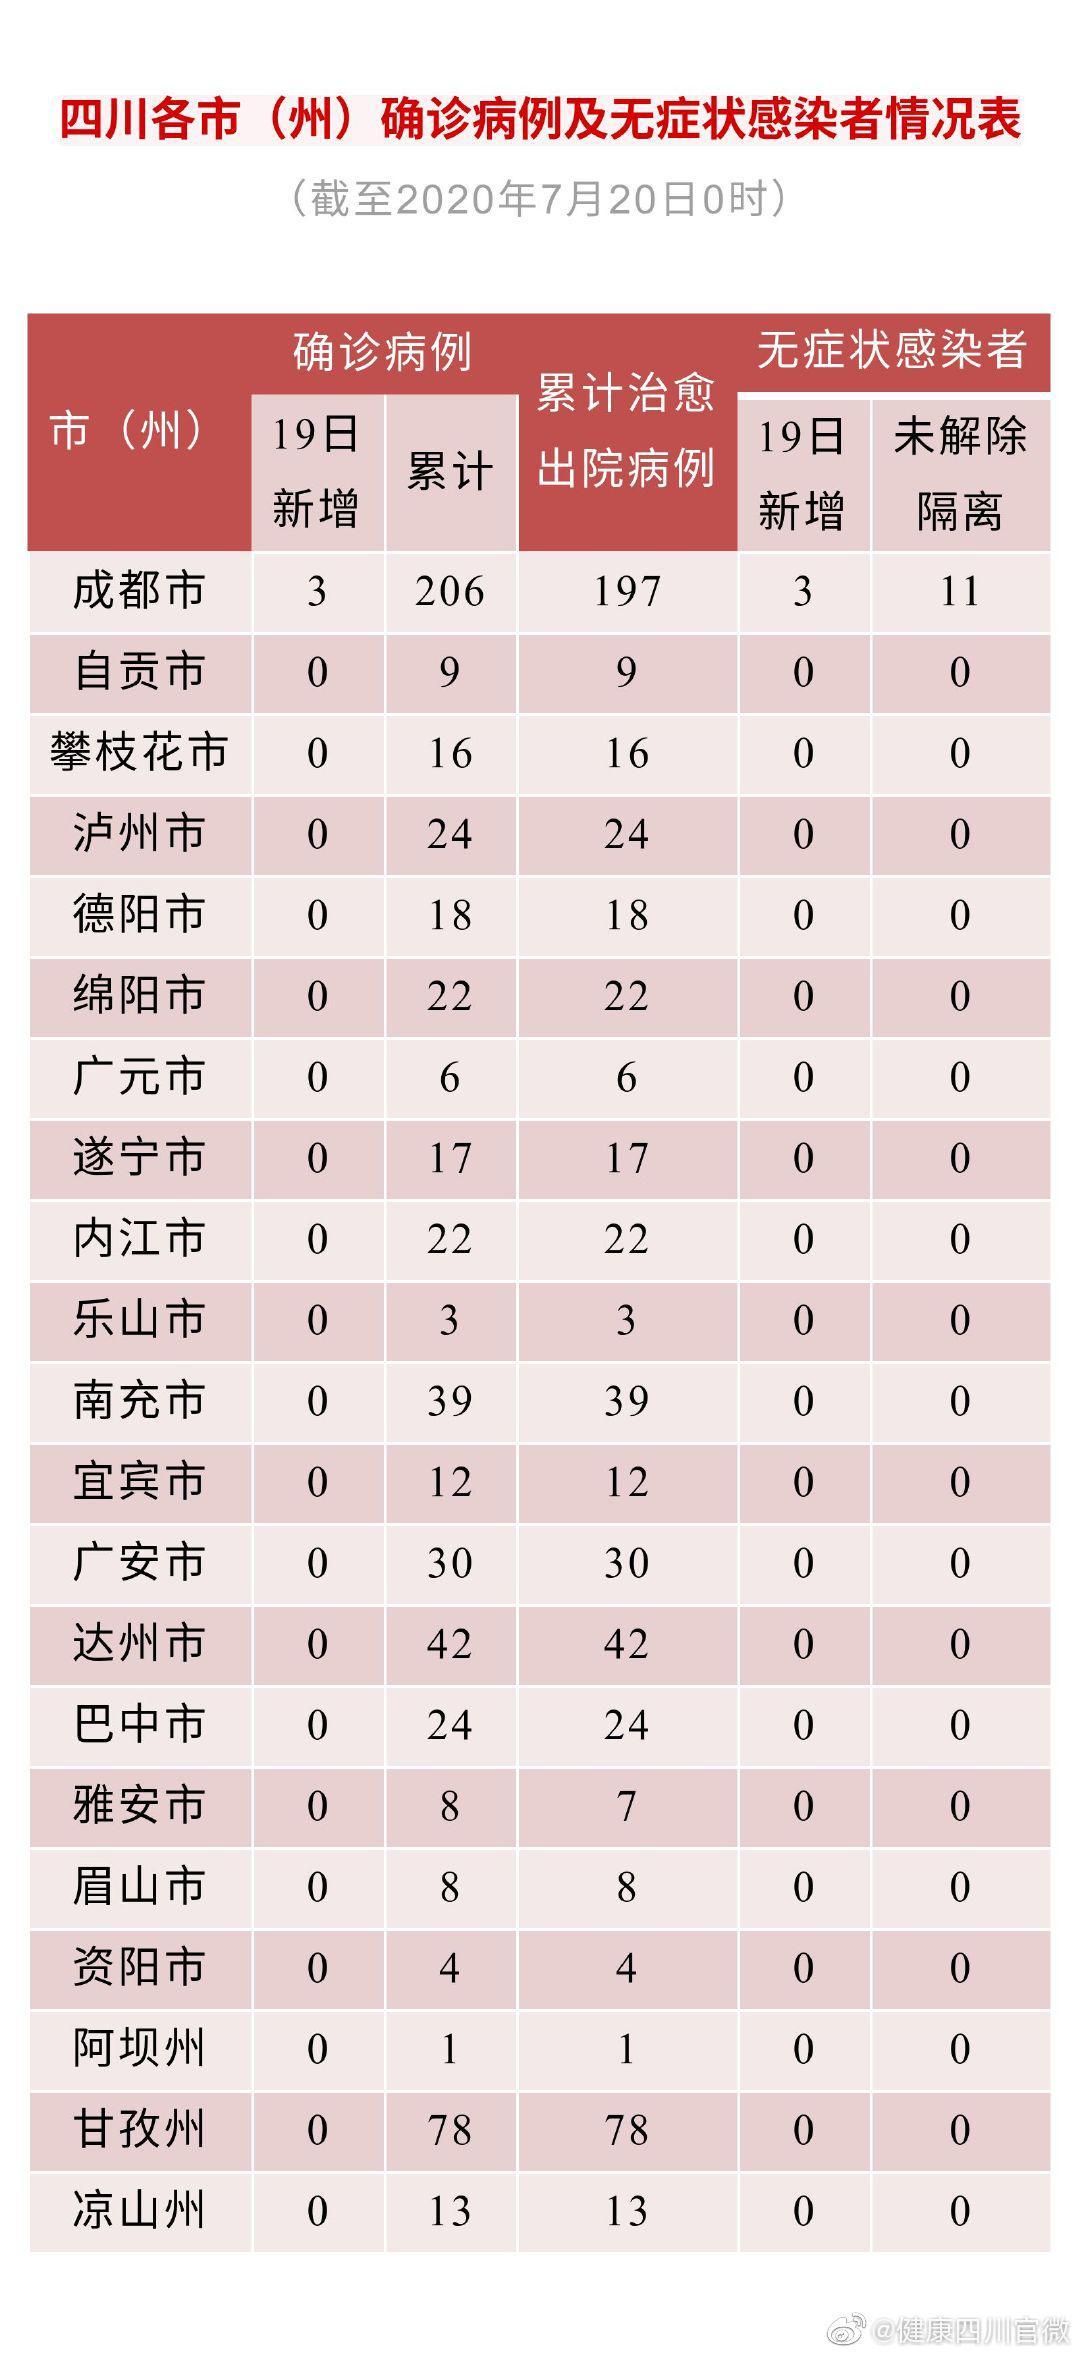 [天富]四川新增天富新冠肺炎确诊病例3例均为境外图片